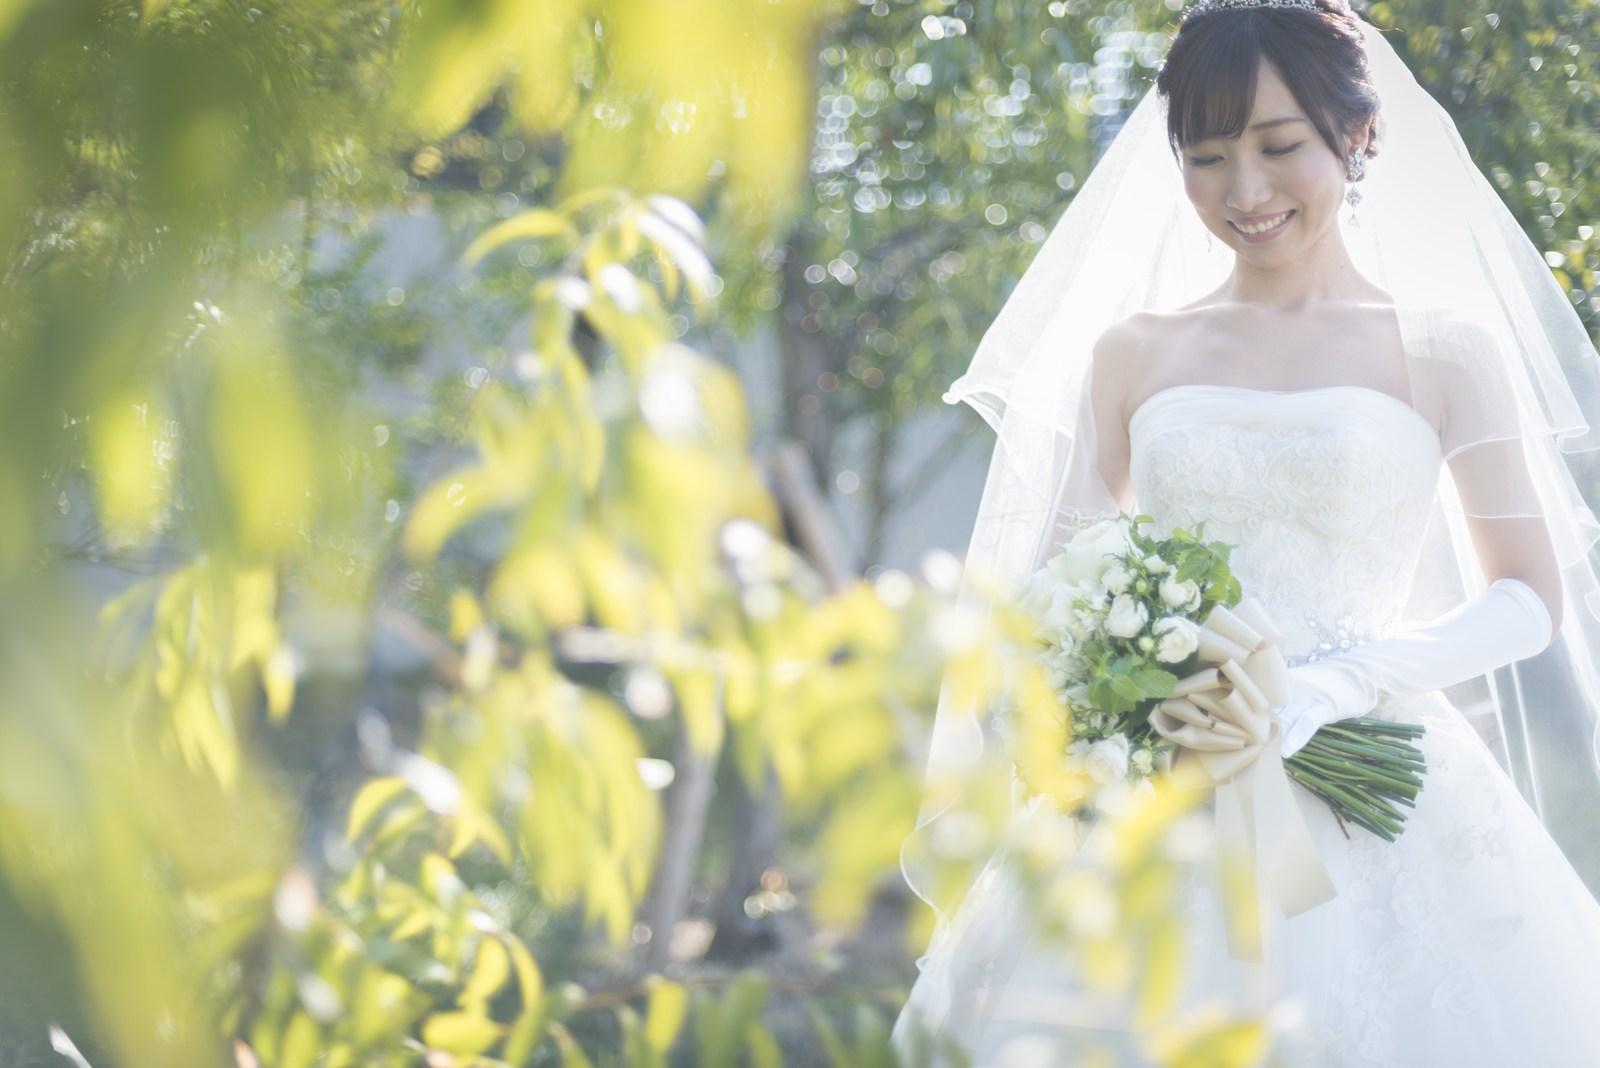 香川県の結婚式場シェルエメール&アイスタイル 花嫁